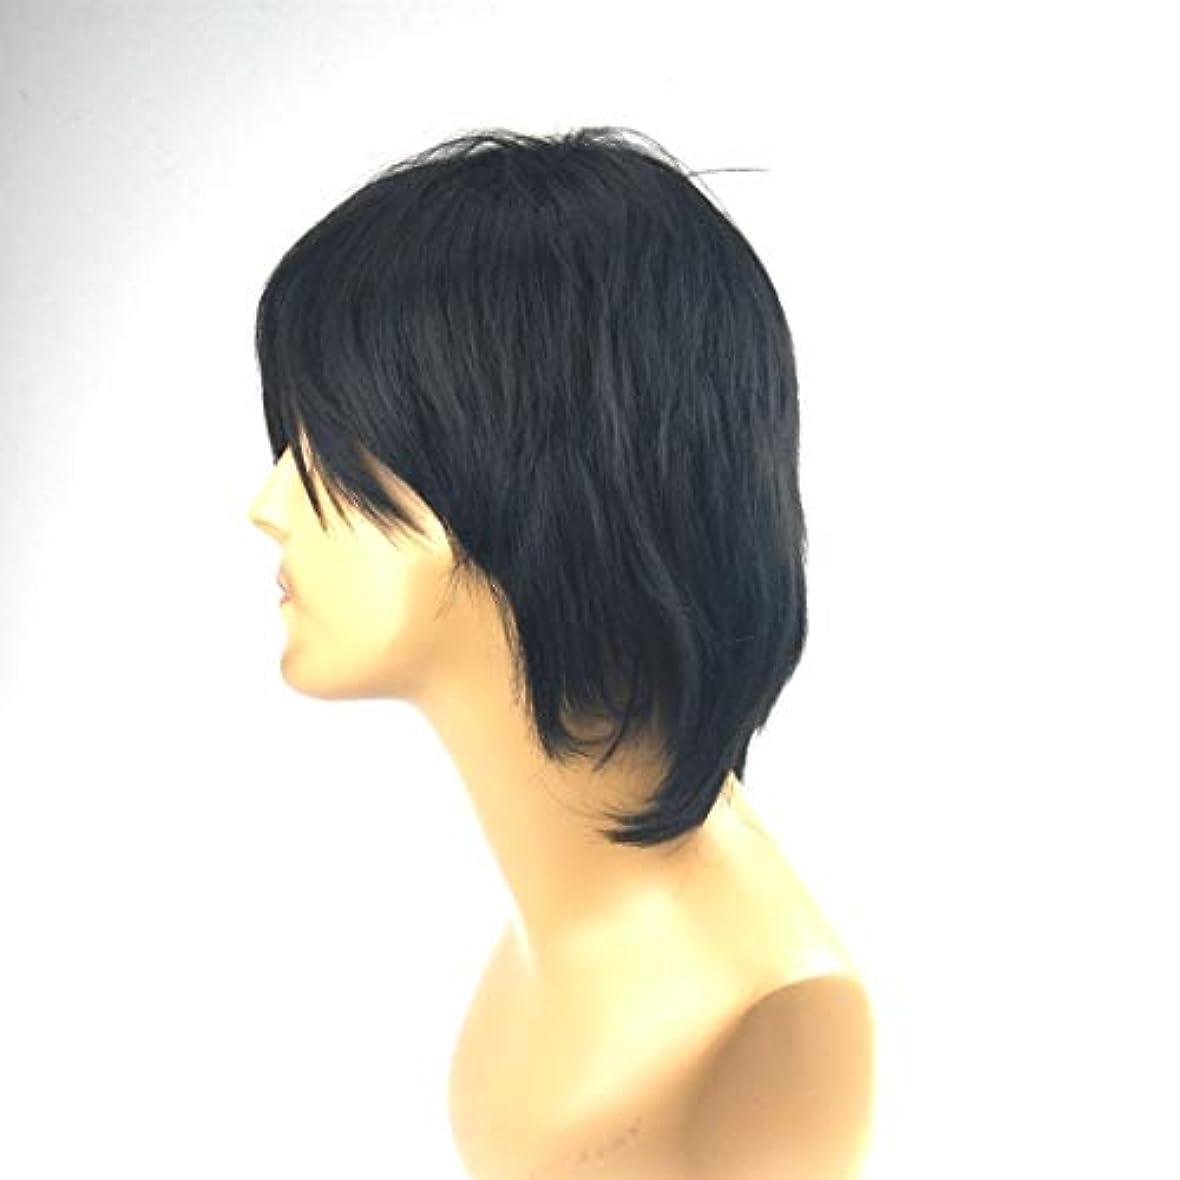 不測の事態ツール電気技師Kerwinner 斜め前髪付きメンズショートストレートヘアシルクケミカルファイバーウィッグ